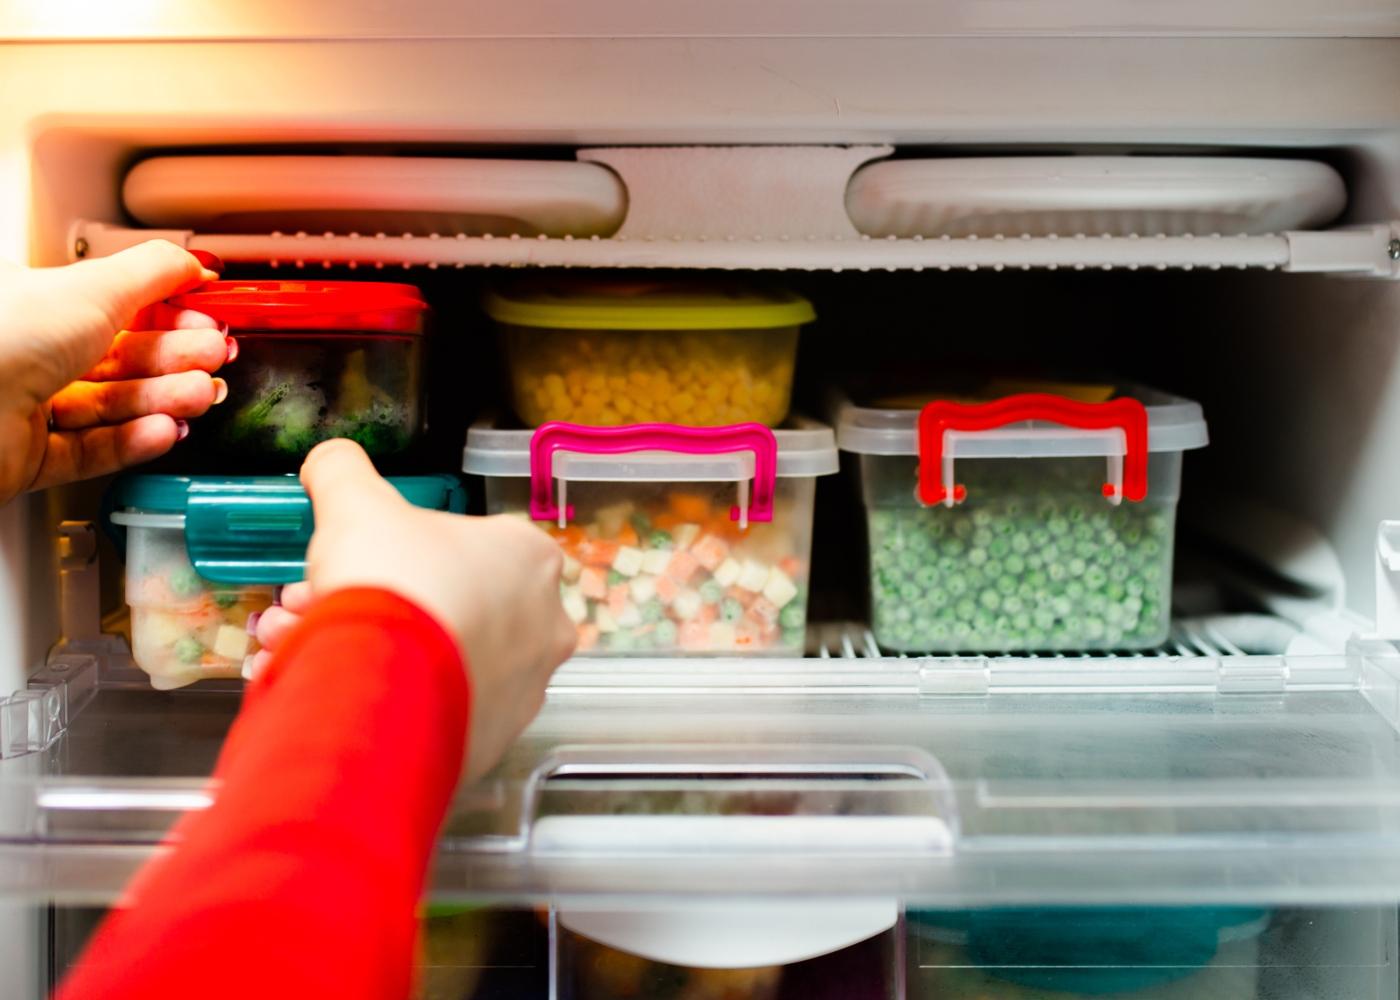 Conservar alimentos congelados: cuidados